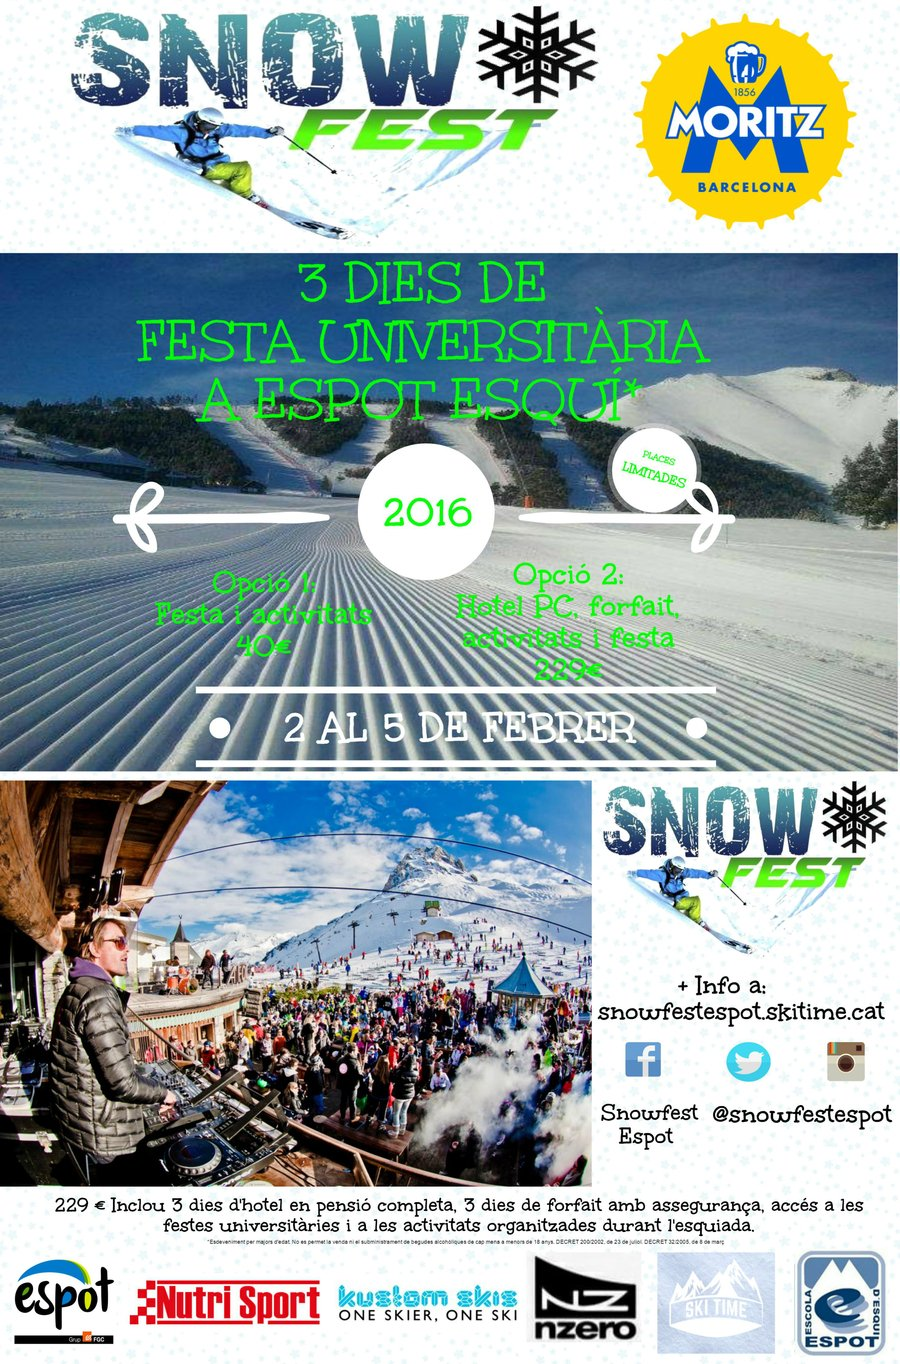 Snowfest Espot